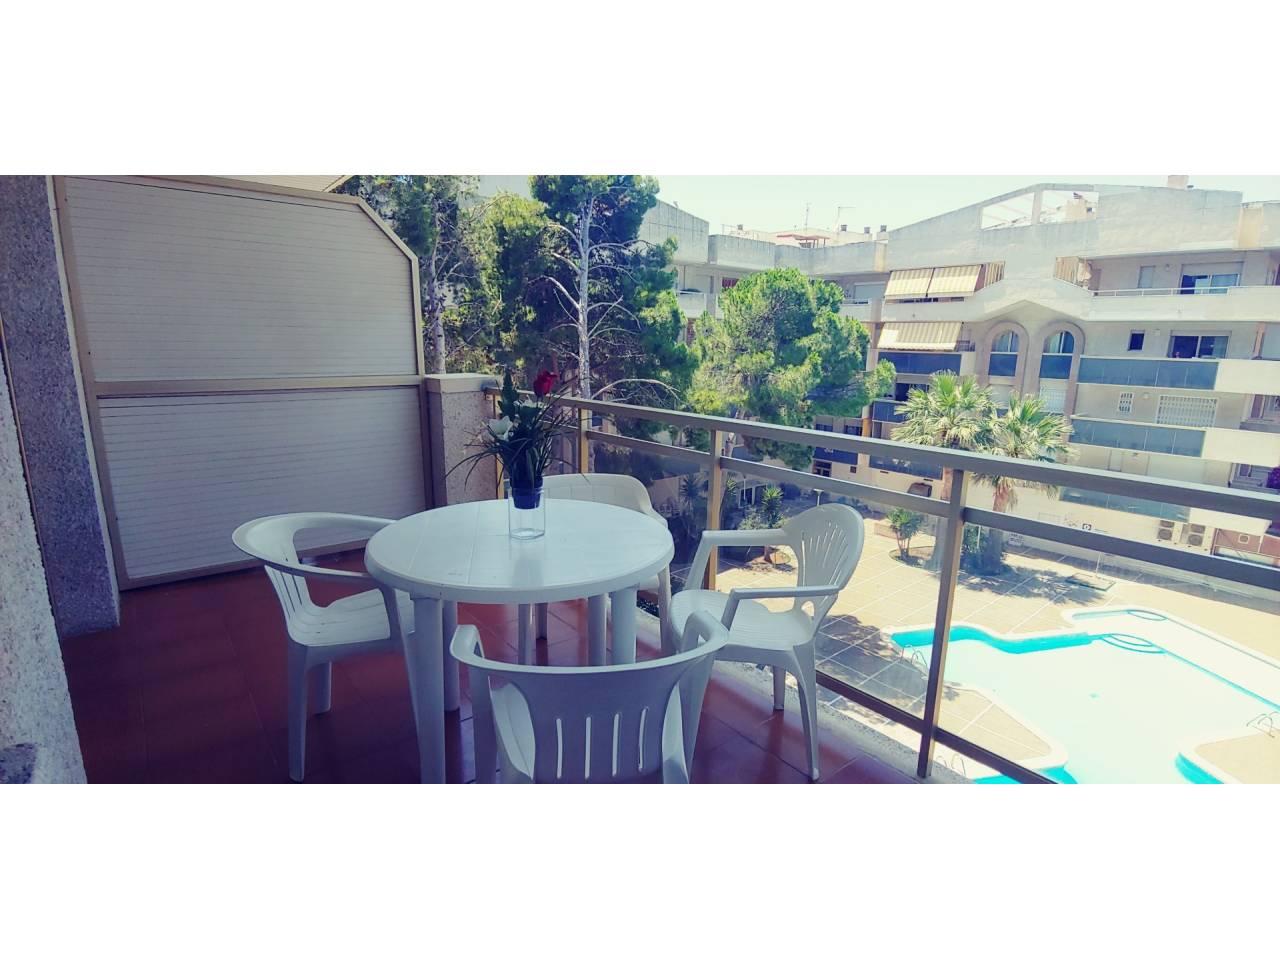 Location saisonnière Appartement  Calle barbastre, 16. Apartamento con terraza y piscina. el apartamento consta de una